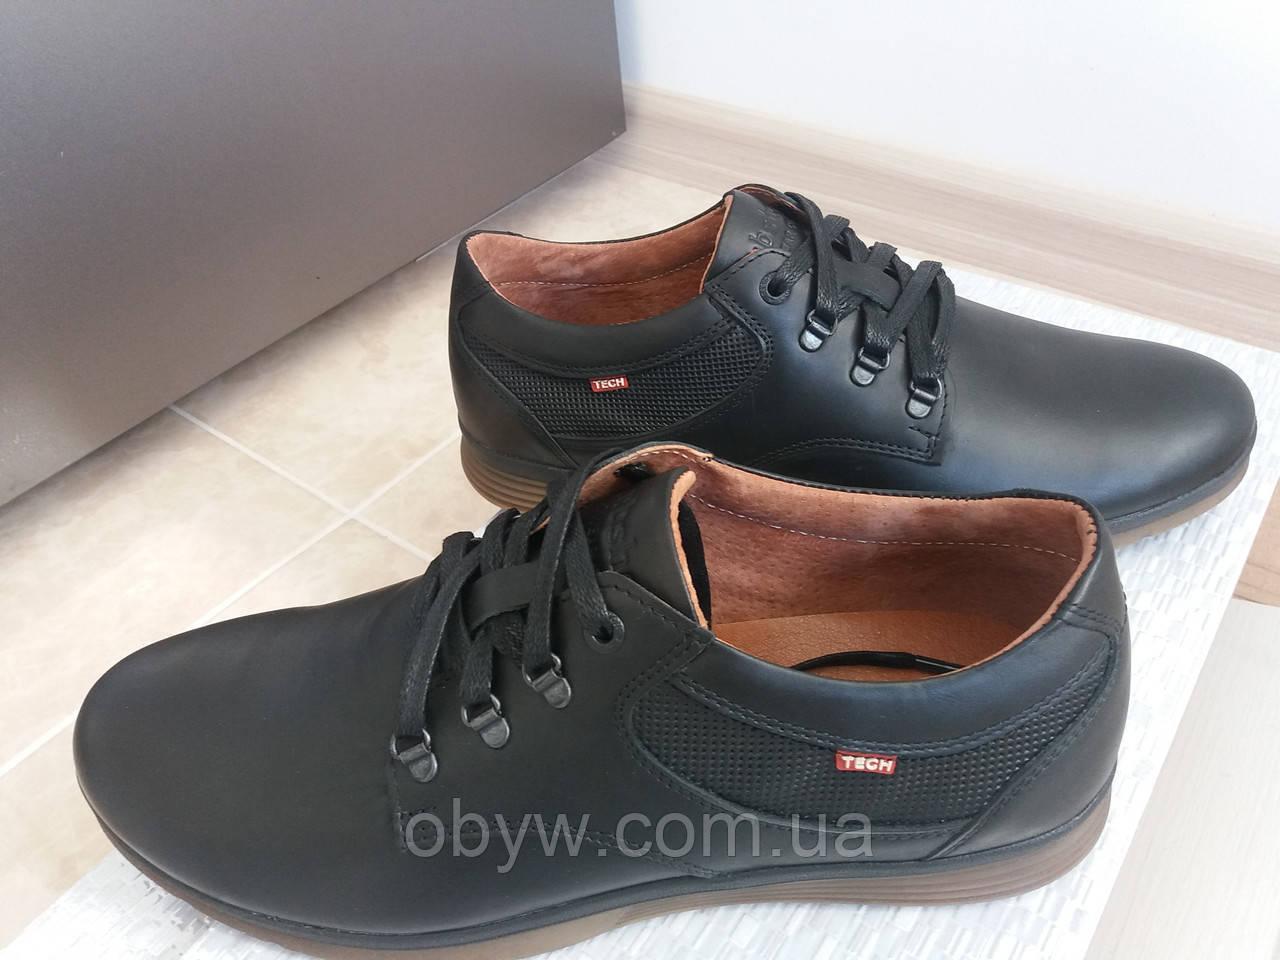 06d621b6f Польские туфли мужские осенние: продажа, цена в Днепре. туфли ...